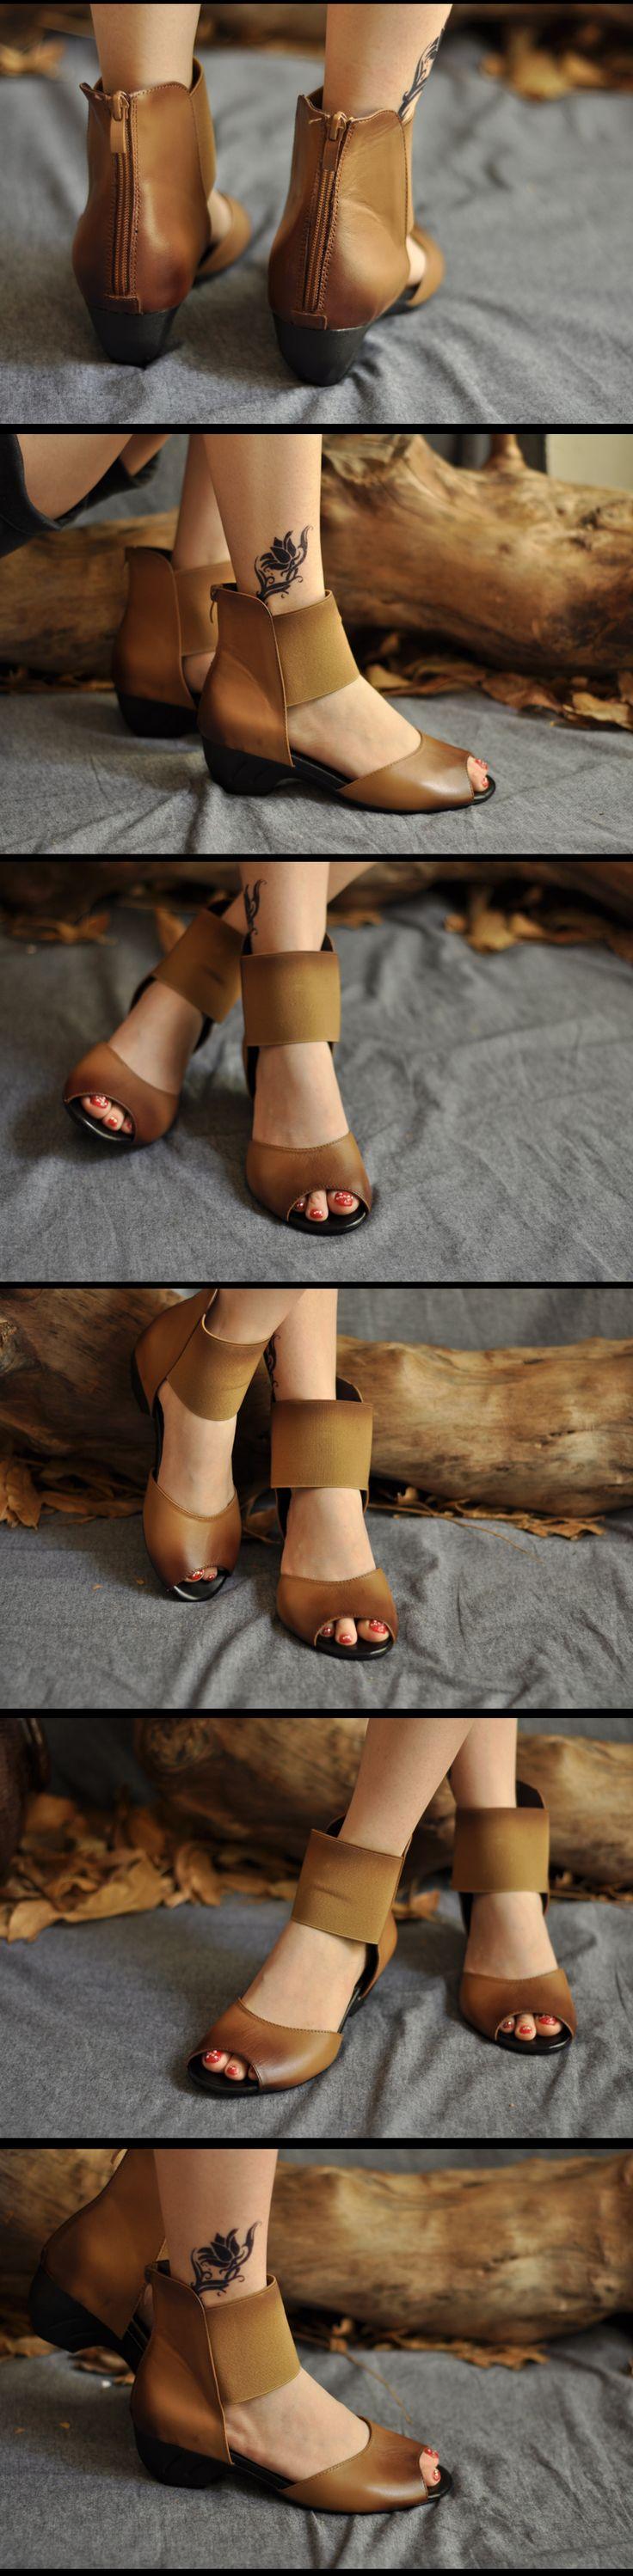 Оригинальный новый 2015 модный бренд летние сладкие рим удобные обувь из натуральной кожи сандалии женщин оптовая продажакупить в магазине Original Brand Clothes Trade Co.,LtdнаAliExpress